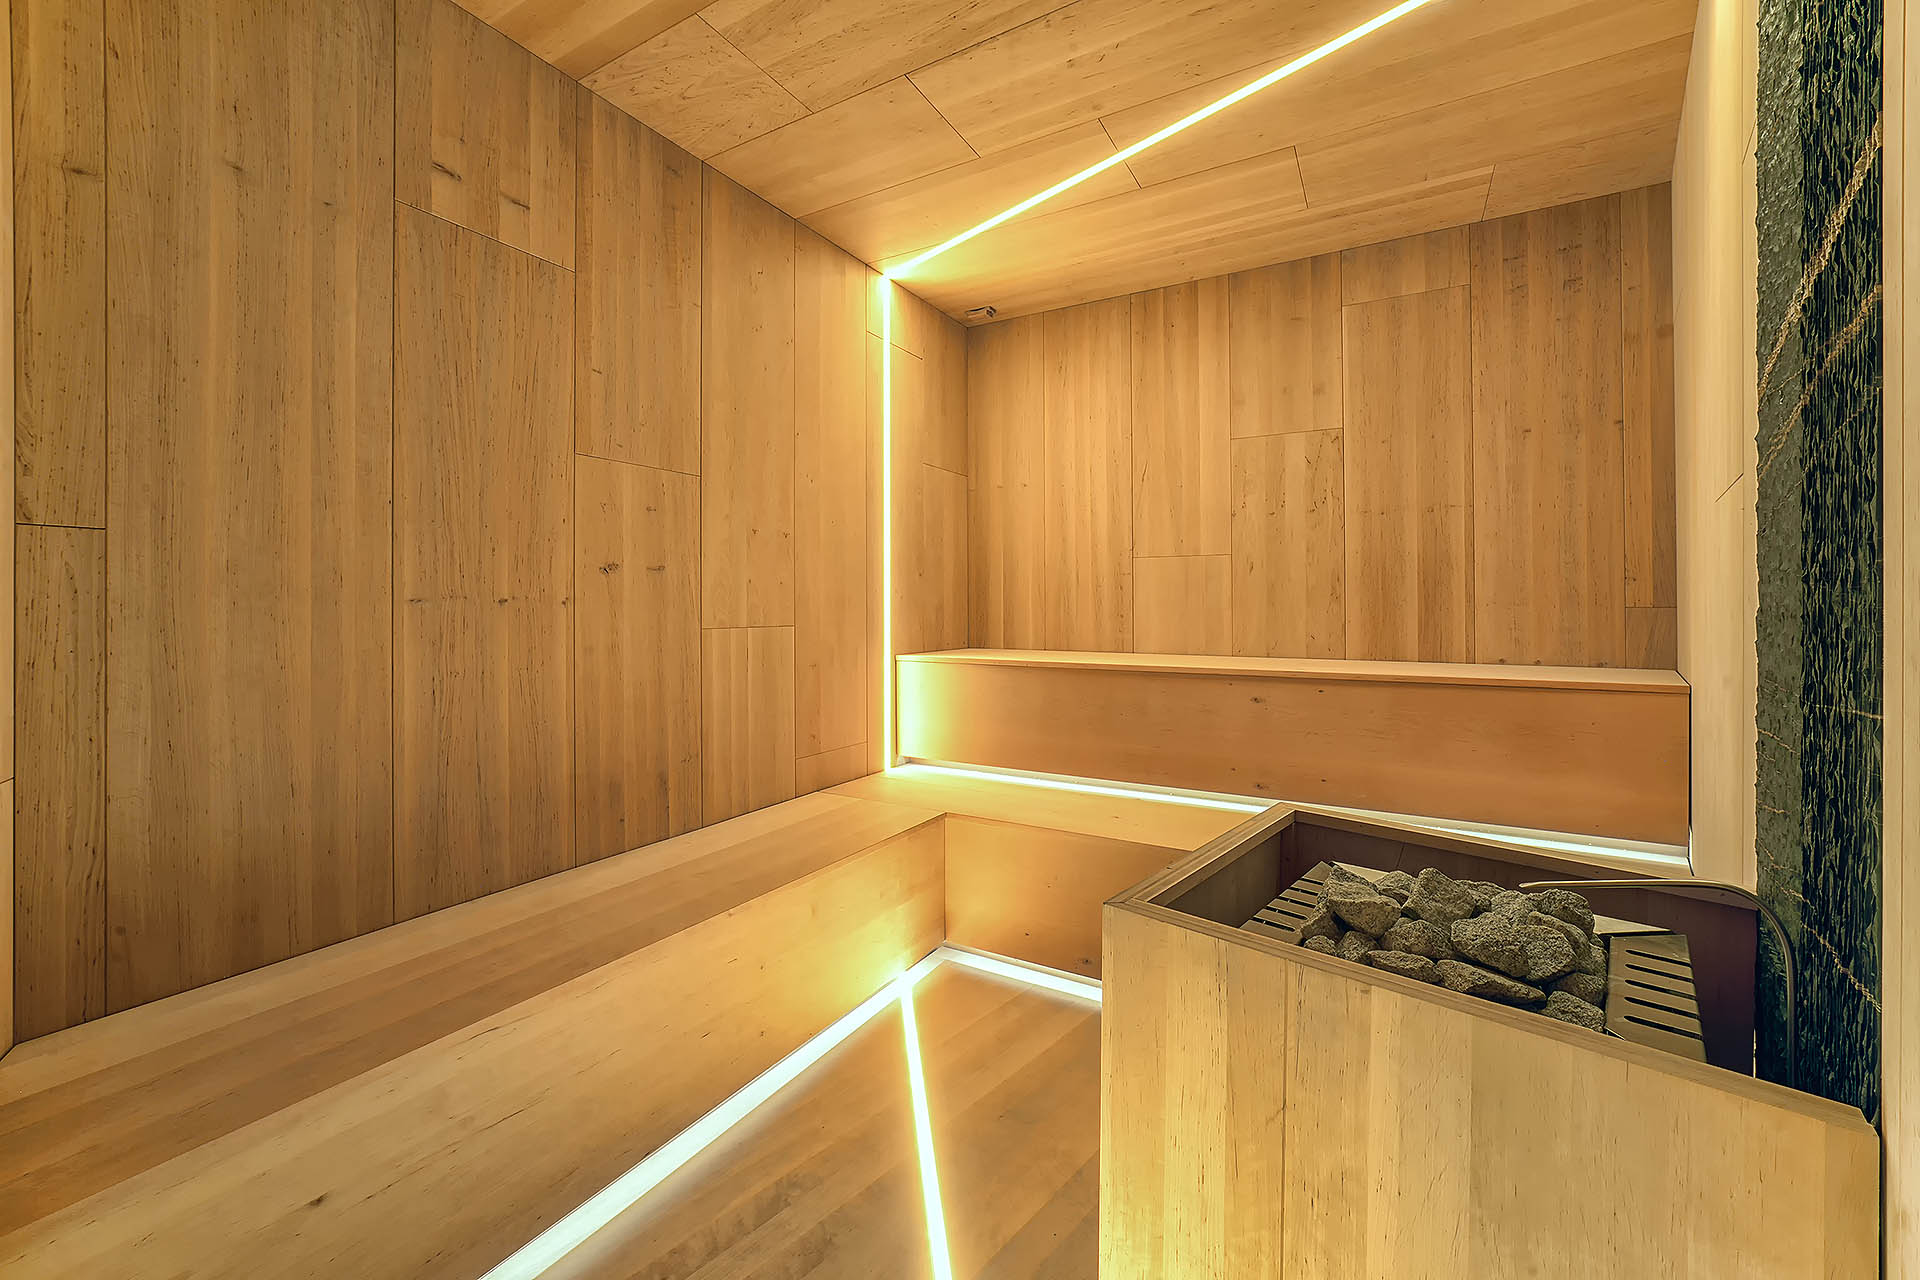 SAUNA FINLANDESE <br> SHOW ROOM SANAE - SEGA DI CAVAION (VR)